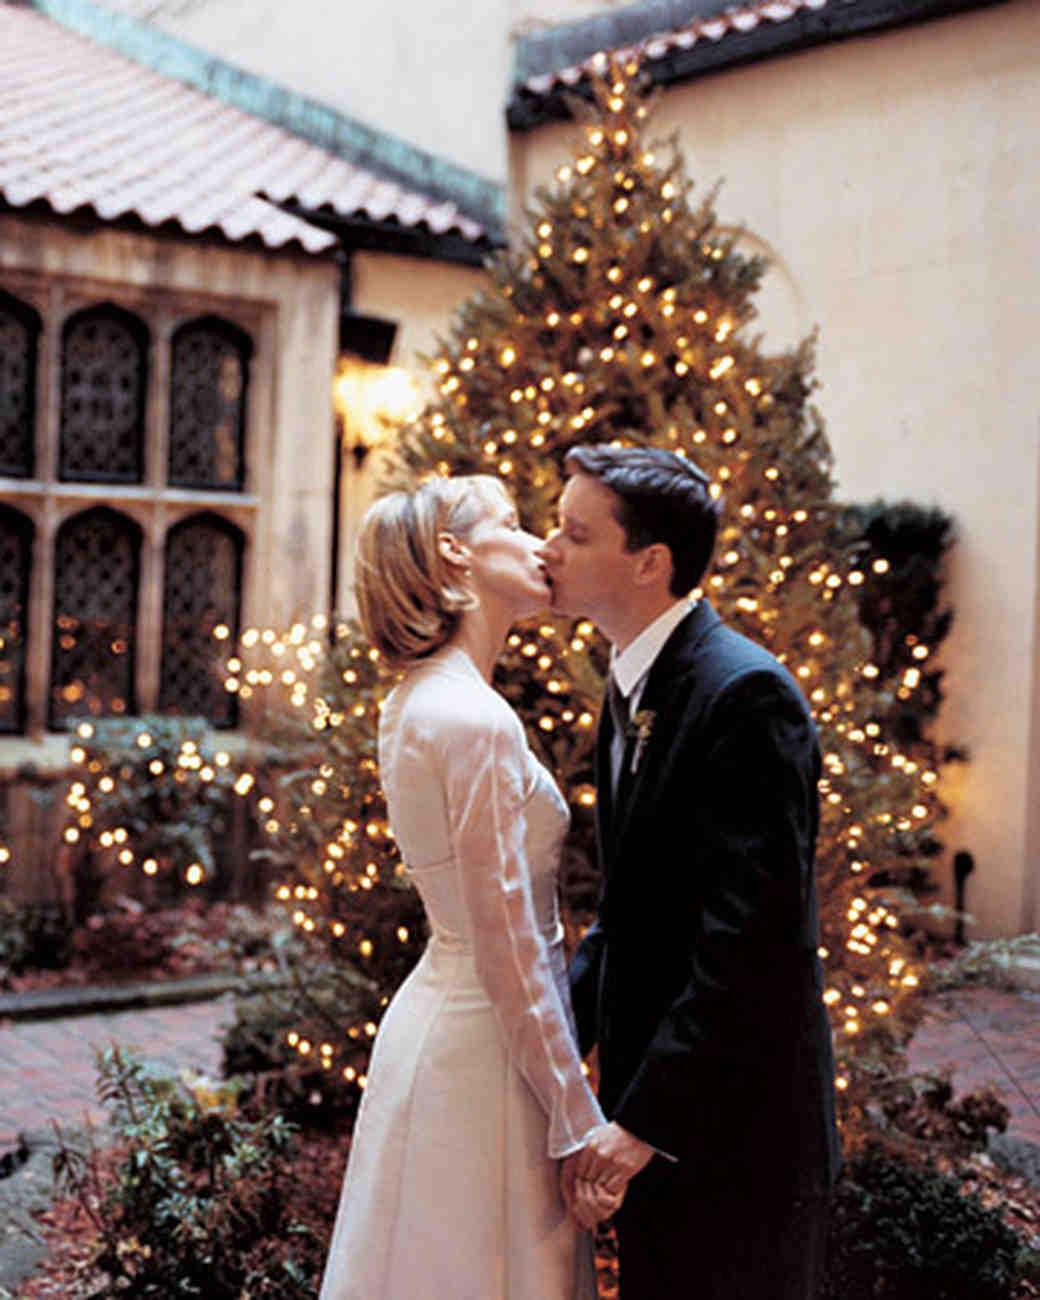 Winter Christmas Wedding Ideas